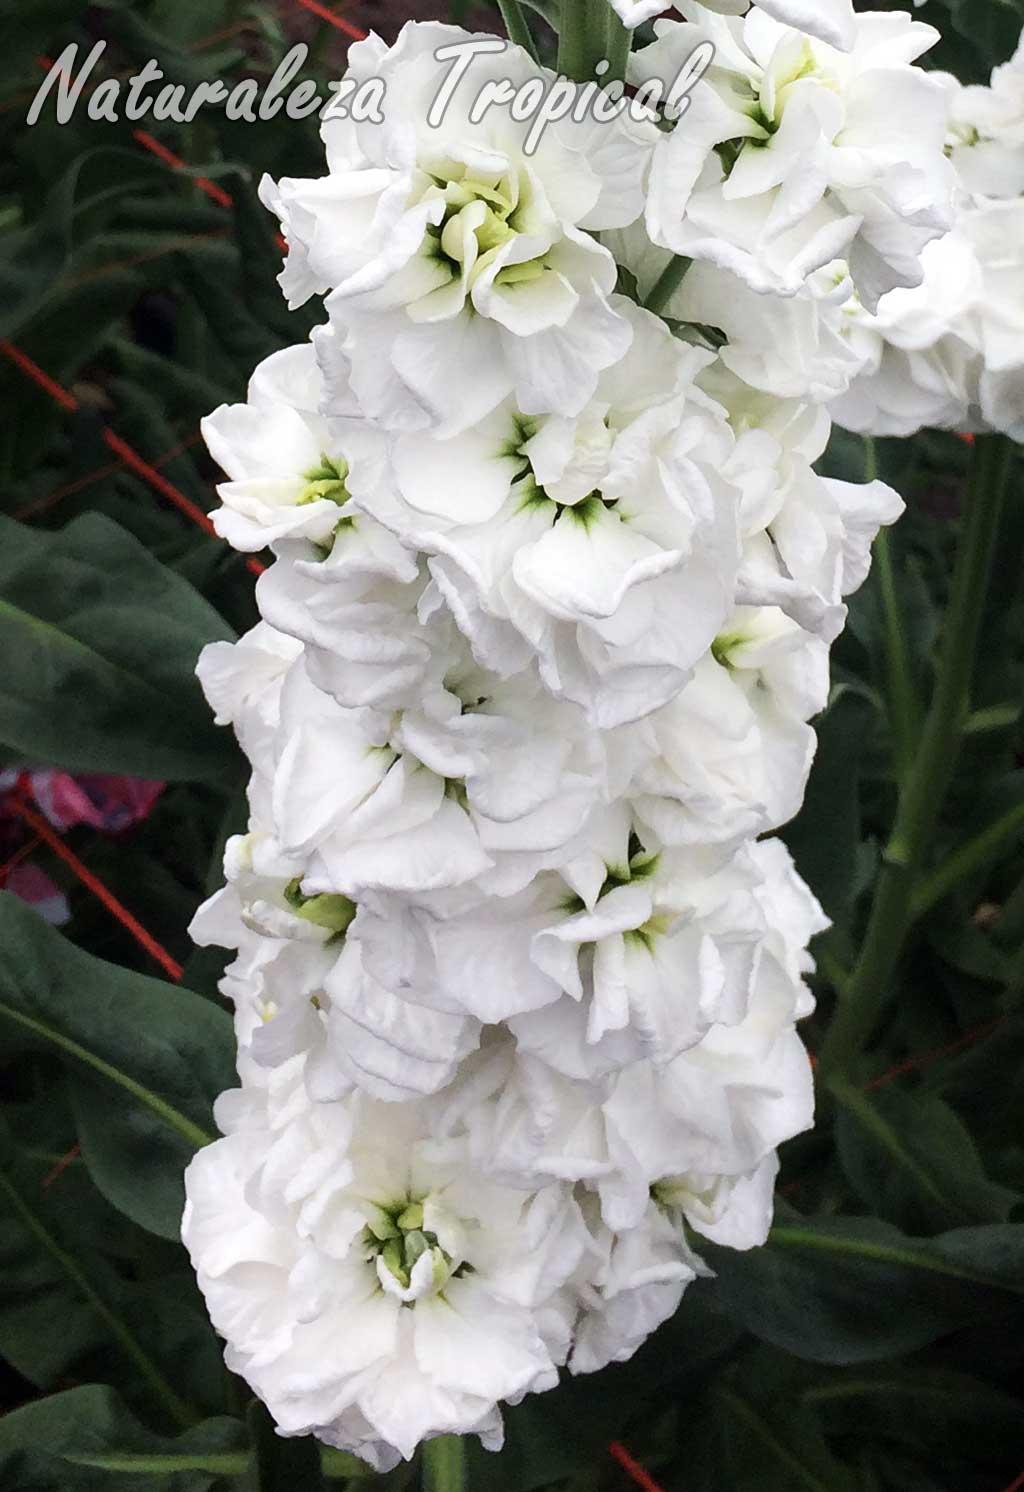 Flores de un cultivar con flores dobles y blancas del Alelí o Alhelí, Matthiola incana